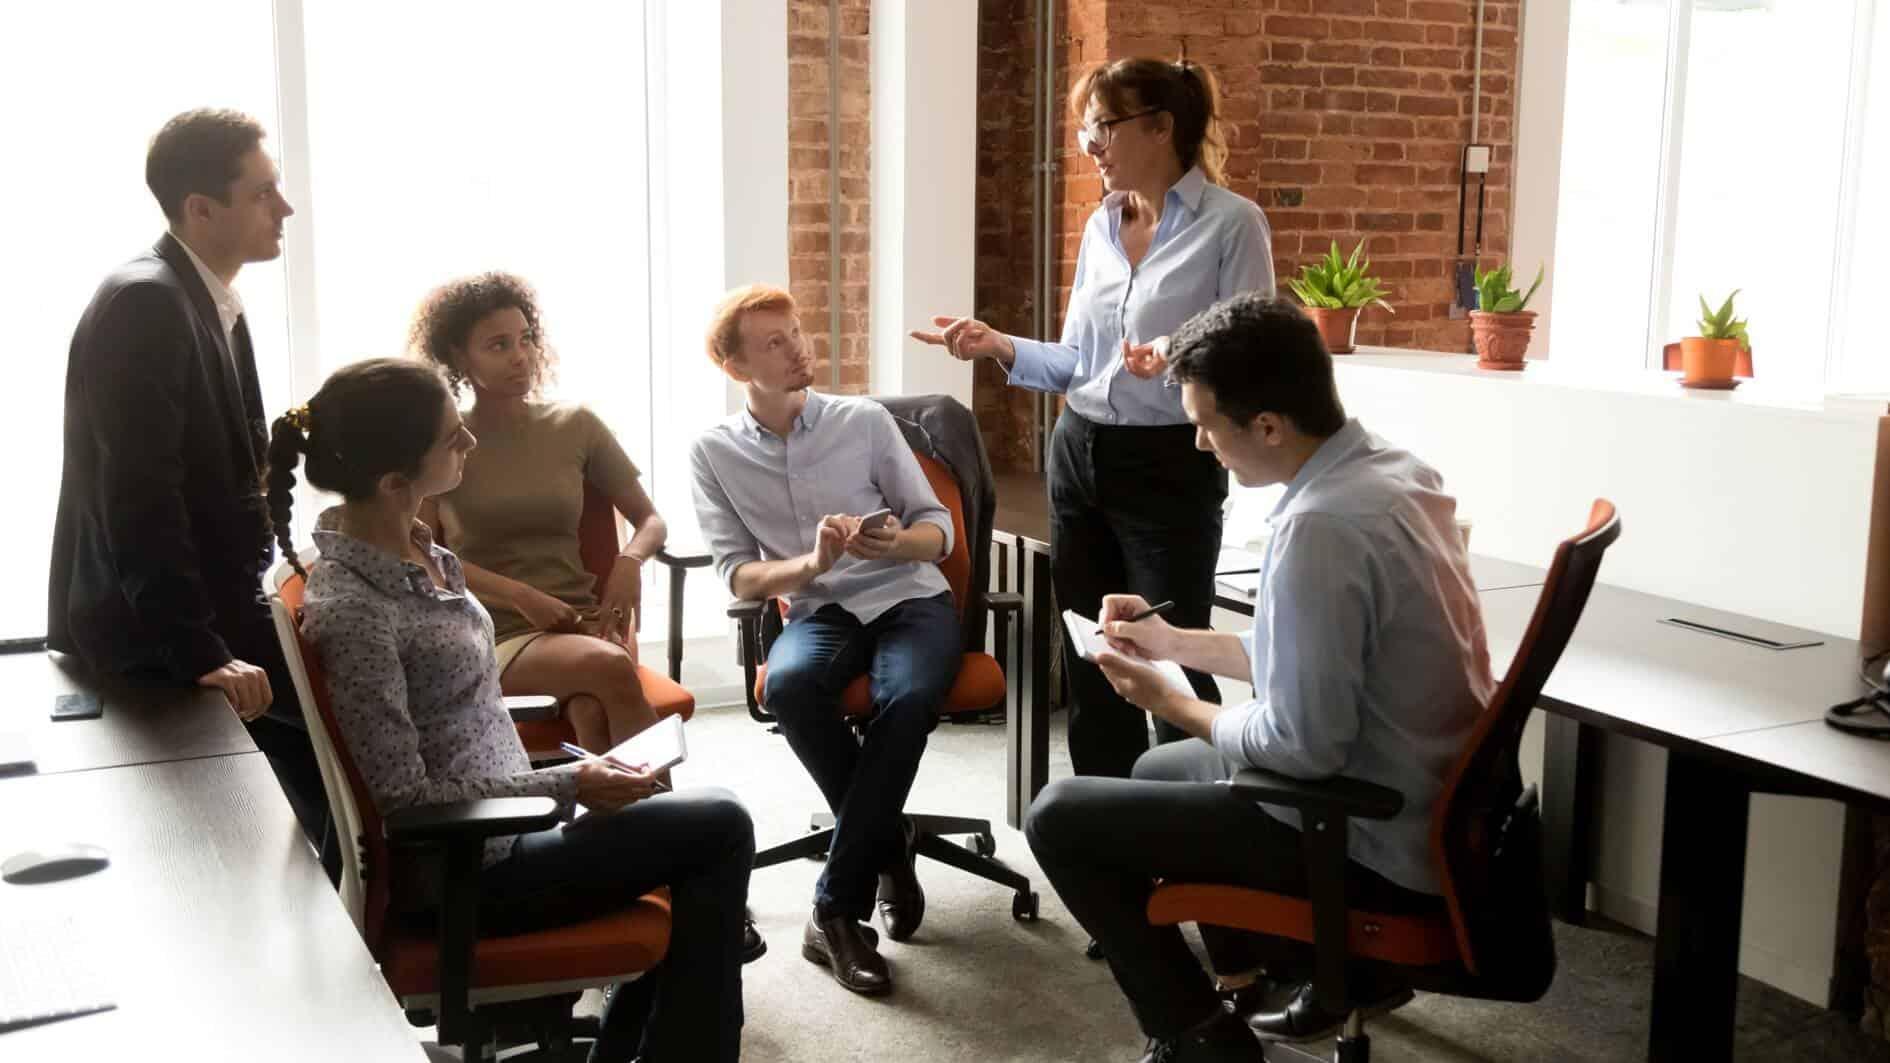 Apa itu Divisi HR dan Bagaimana Peran Pentingnya bagi Perusahaan?